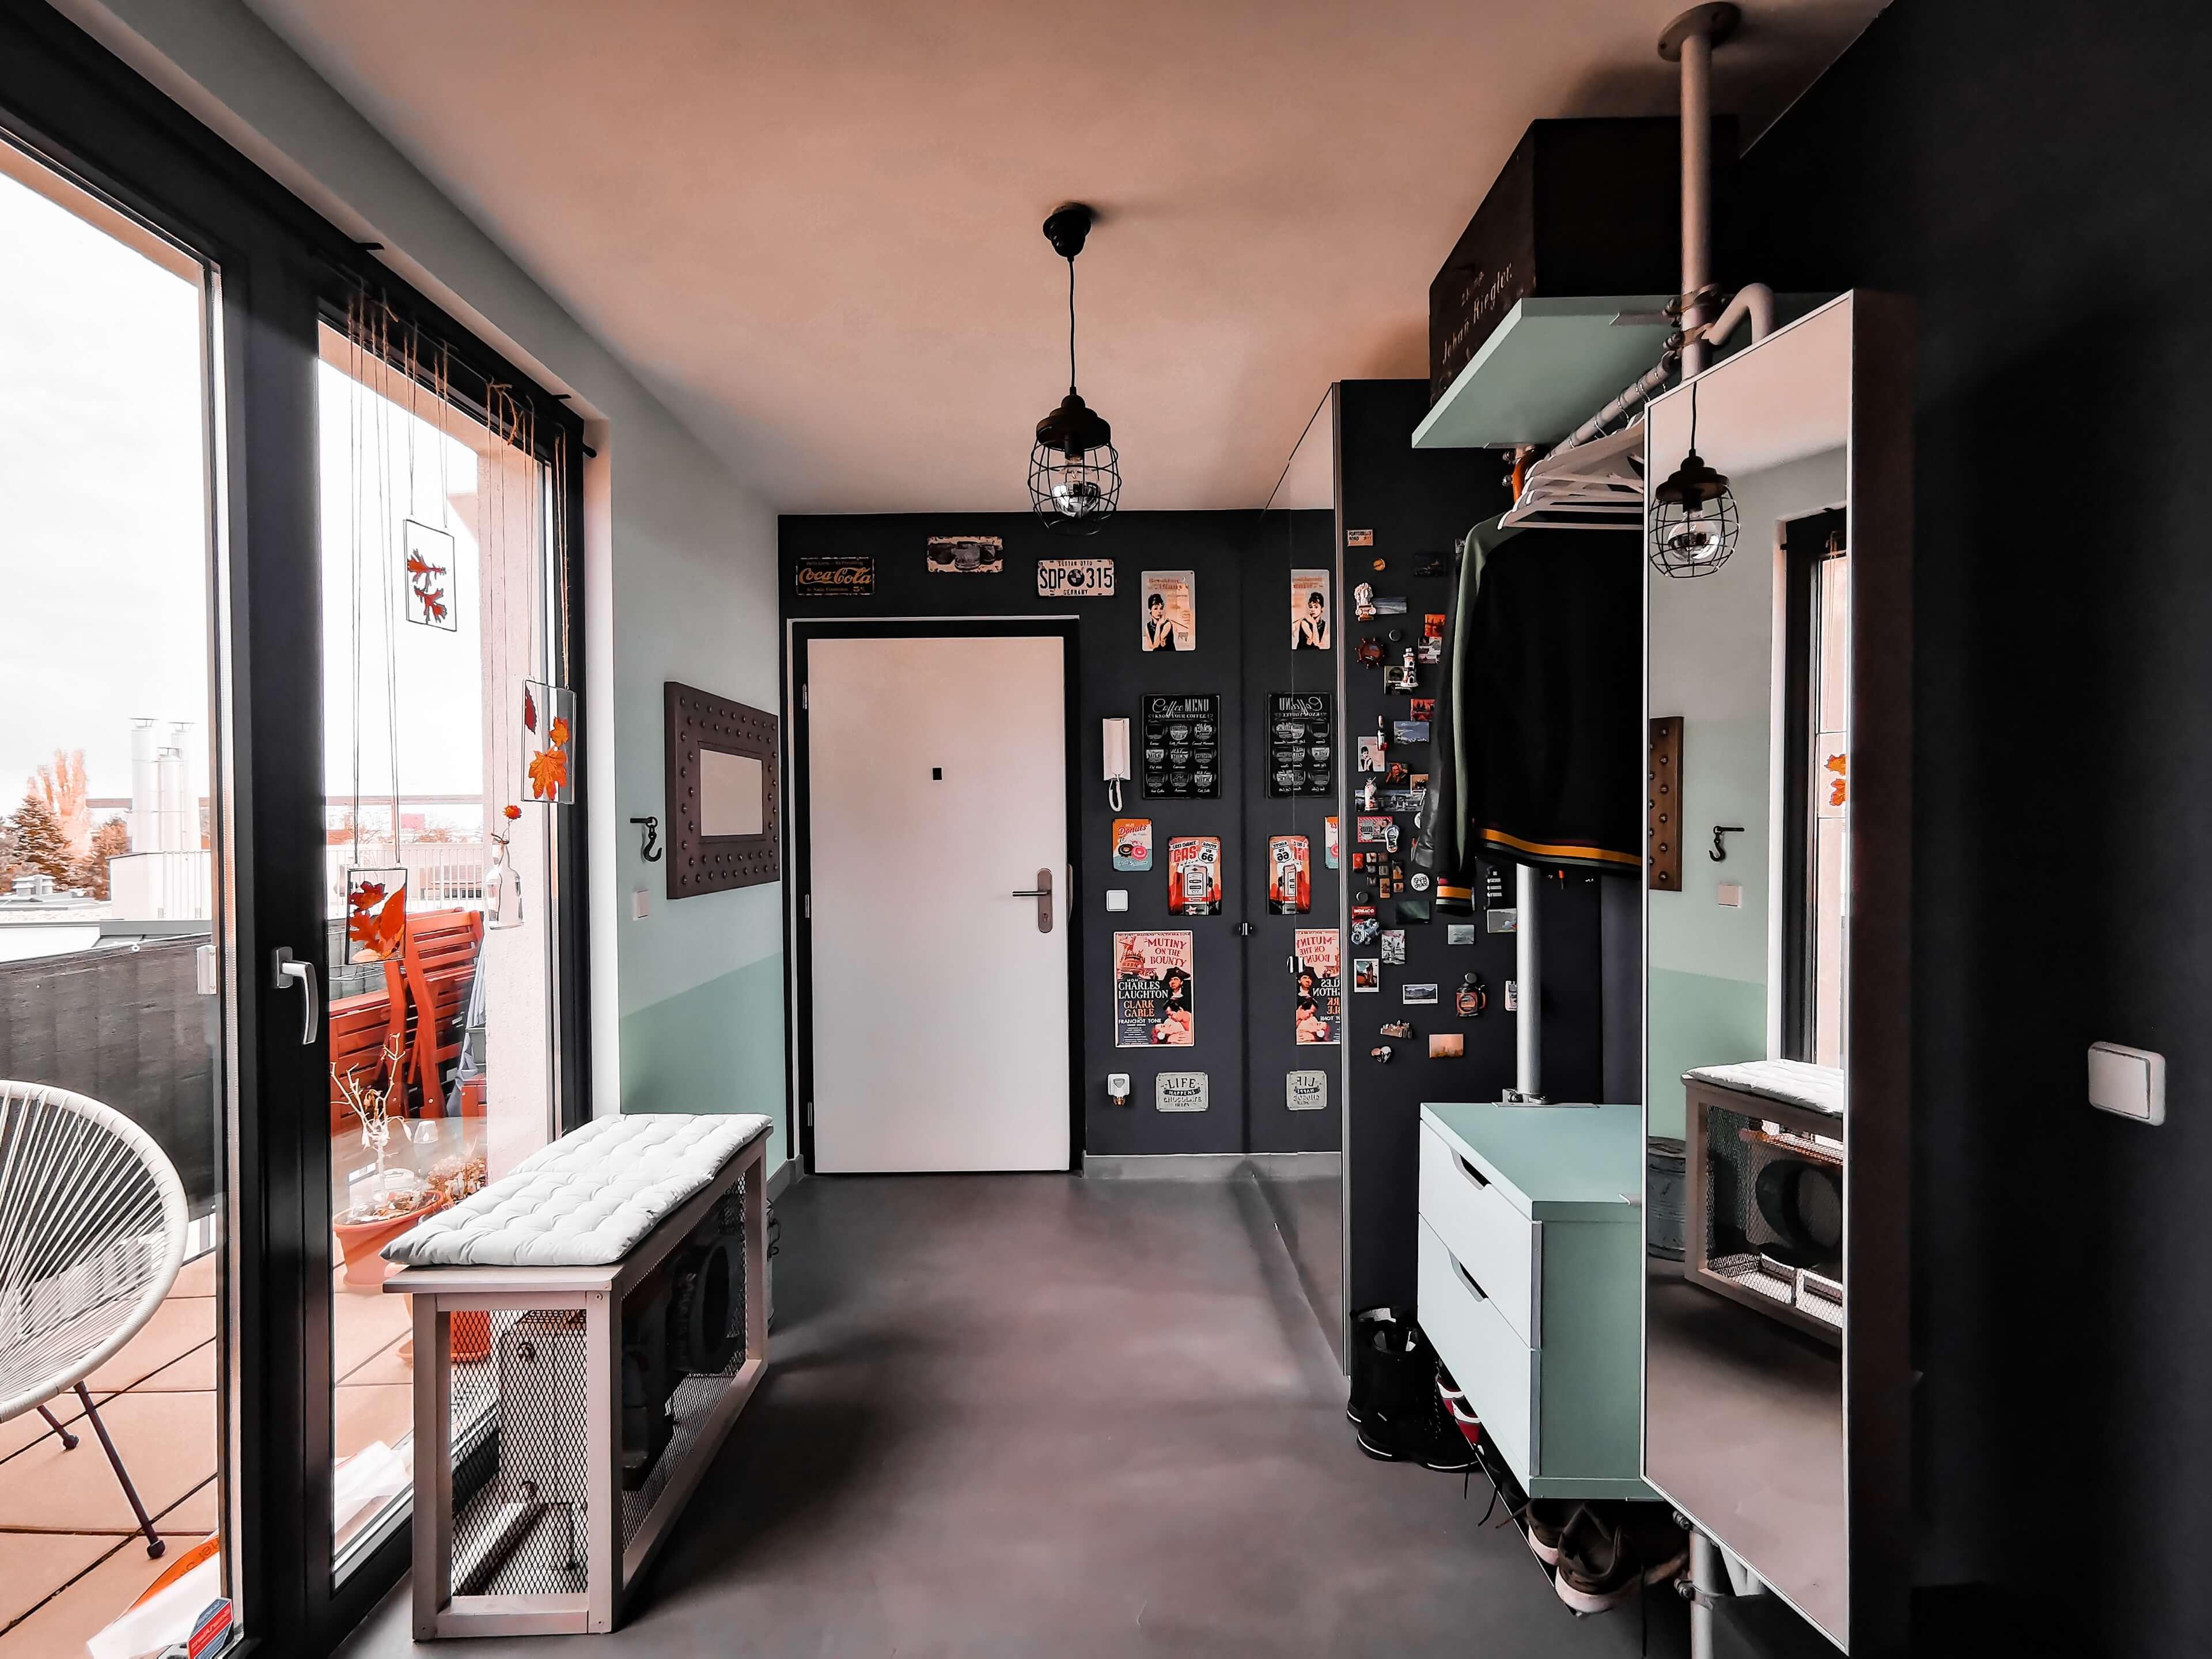 IMG 20191116 100001 resized 20191117 061559812 - Projekt Vorzimmer: 11 DIY-Ideen an einem Ort